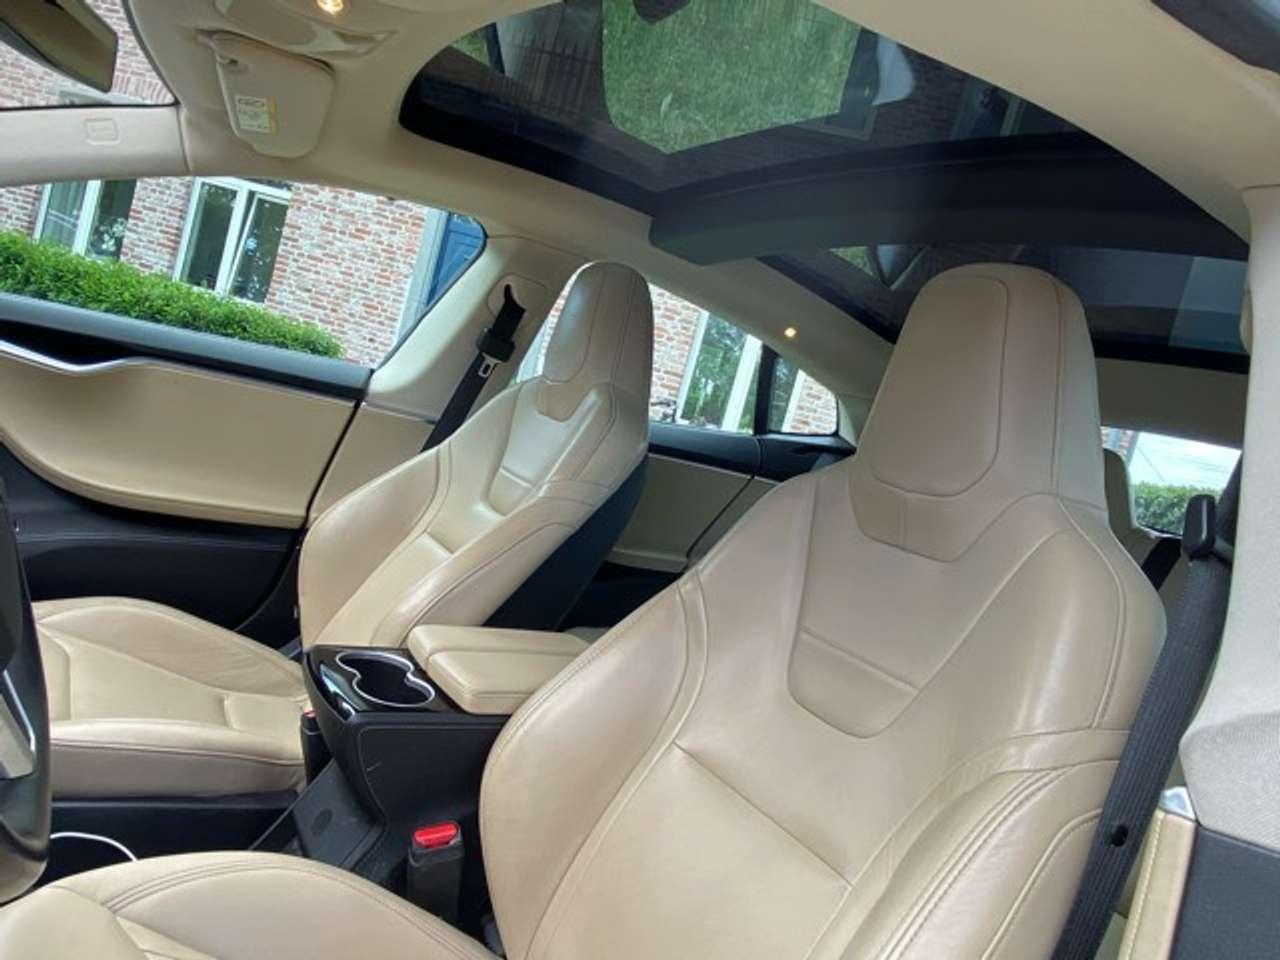 Tesla Model S 70D Dual Motor-Autopilot- Panorama- Next Gen Seats 13/15